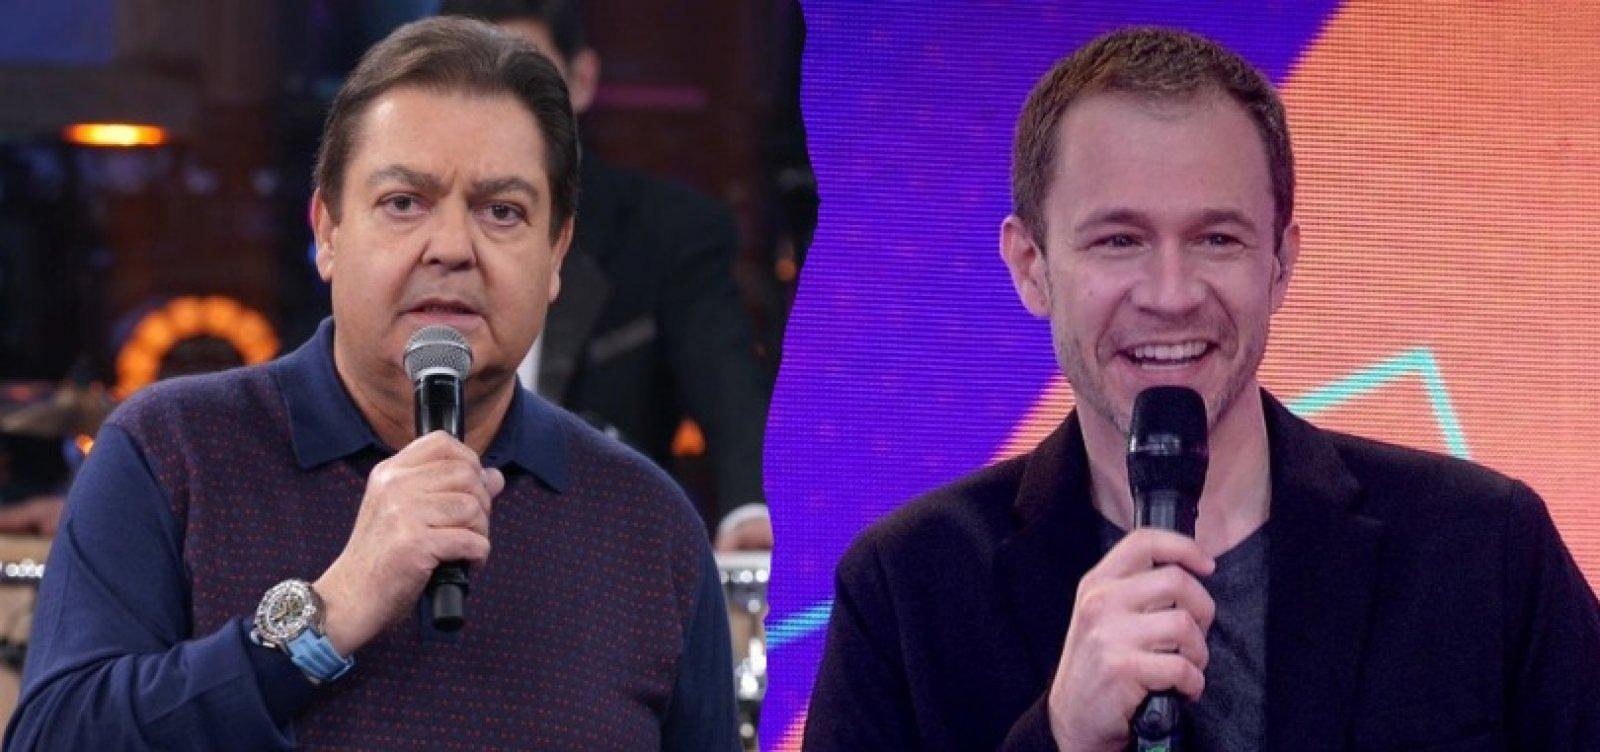 Globo antecipa saída e Faustão será substituído por Tiago Leifert